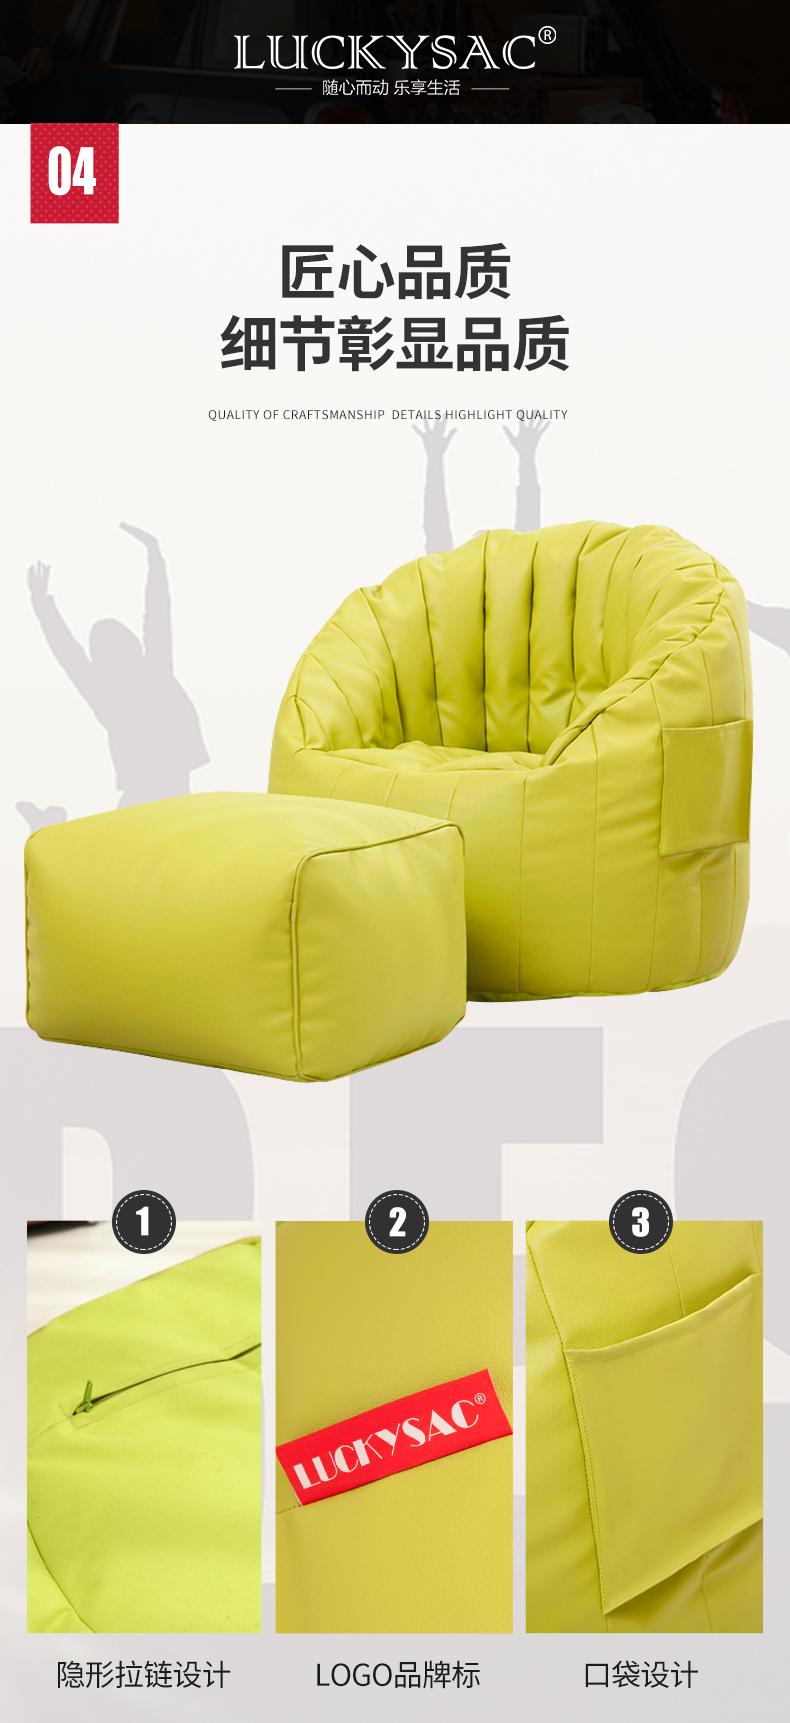 皮革懒人沙发,PU皮懒人沙发,LUCKYSAC酒店用沙发匠心品质